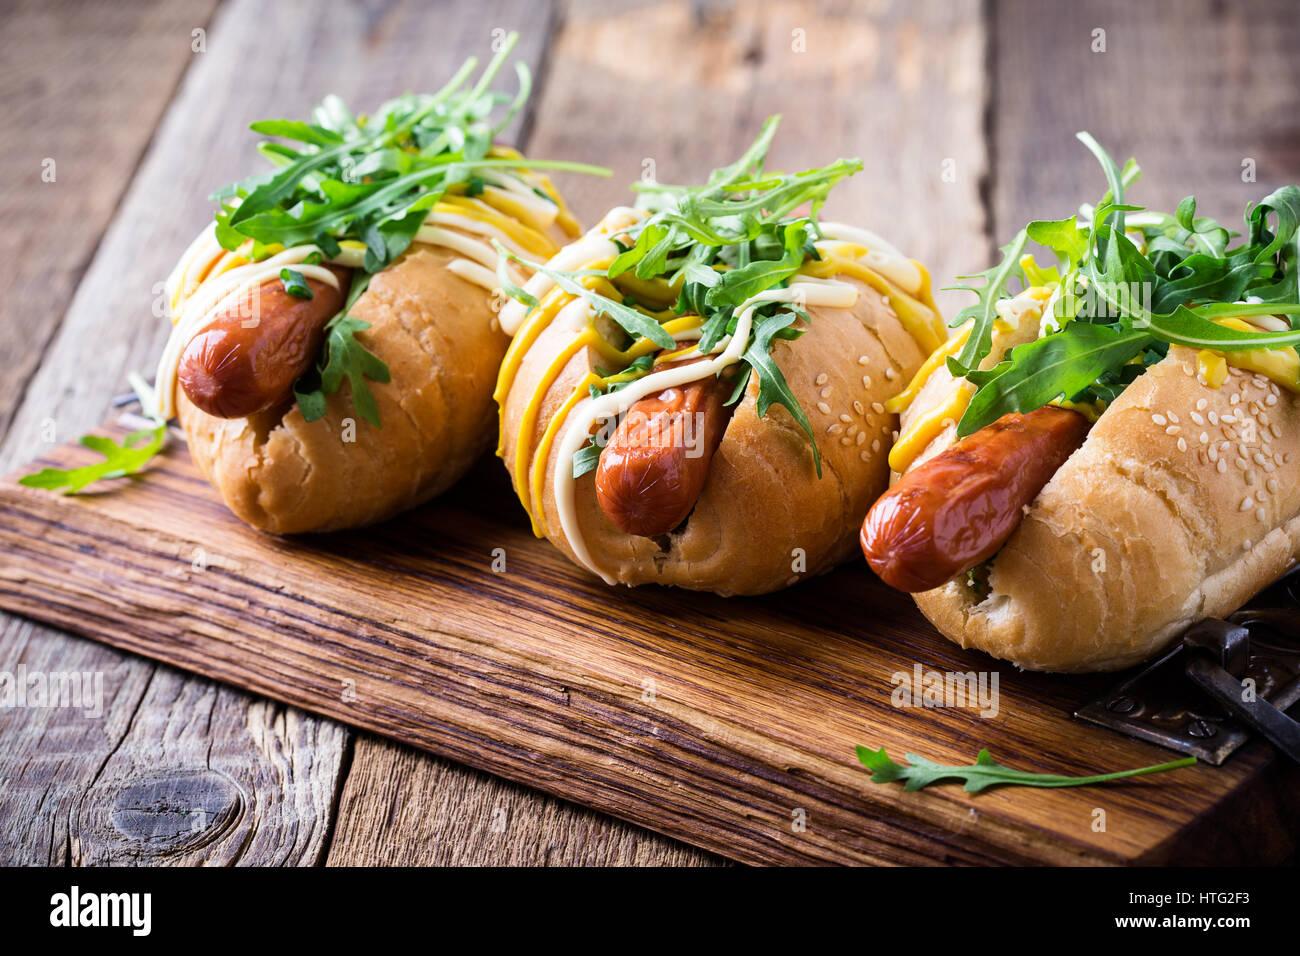 Rindfleisch Hotdog auf einem Brötchen mit Senf und Mayonnaise, garniert mit Rucola auf rustikalen Holztisch, Stockbild